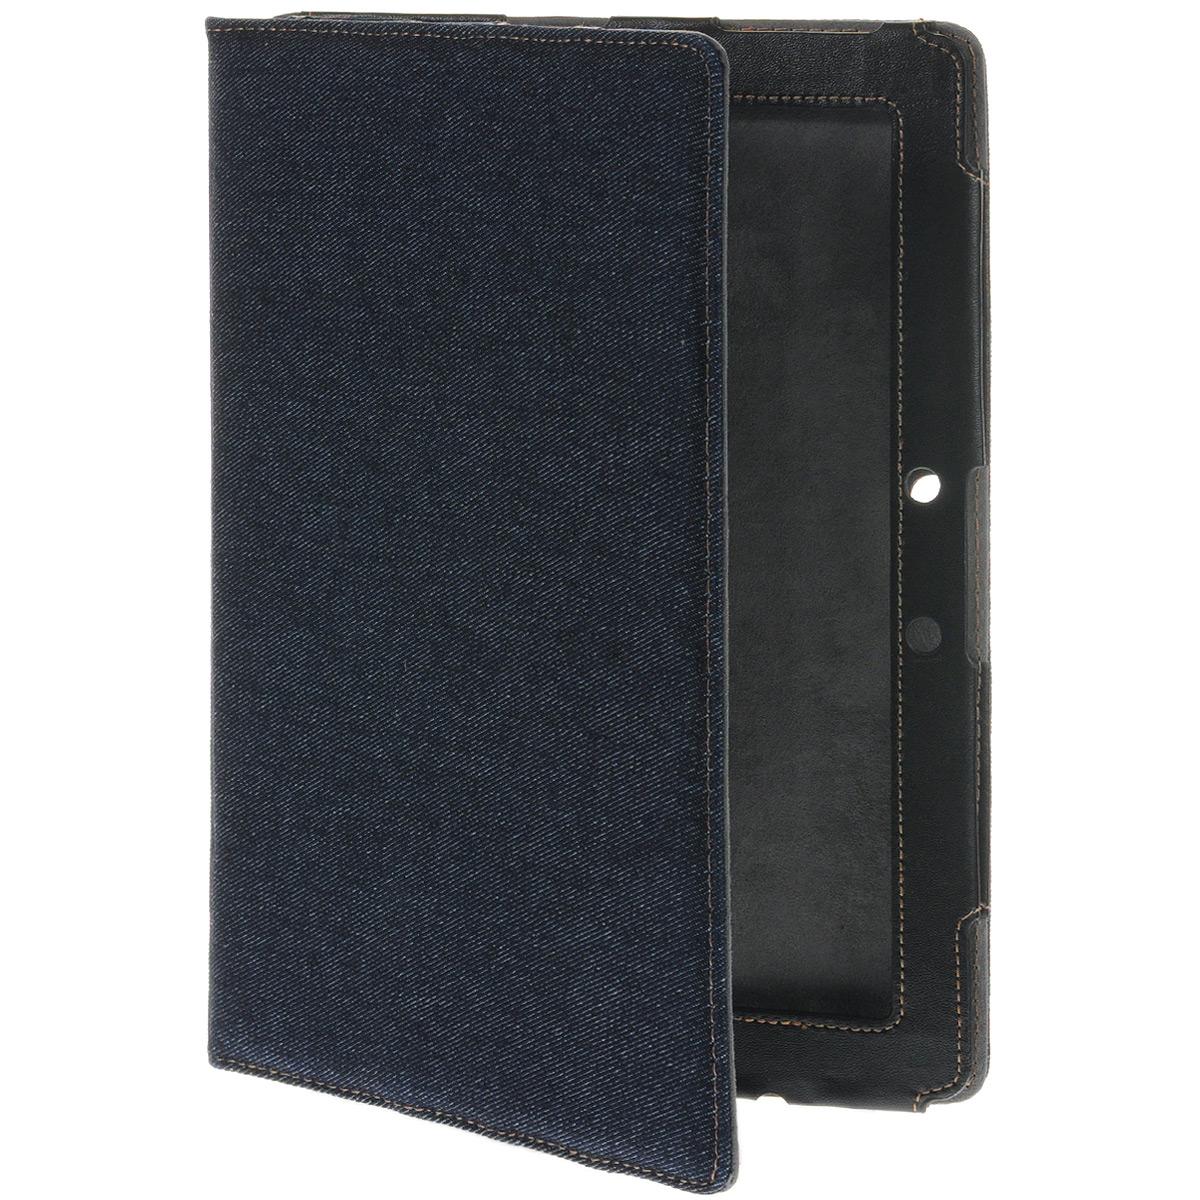 IT Baggage Jeans чехол для Asus TF701/TF700, Black BlueITASTF708-4Жесткое основание чехла IT Baggage Jeans для Asus TF701/TF700 станет отличной защитой устройства от сколов при случайном падении во время эксплуатации, а мягкая внутренняя подложка сохранит экран планшета от царапин и потертостей. Кроме того, крышка чехла может сгибаться, превращаясь подставку, удобную для чтения или просмотра фильмов.